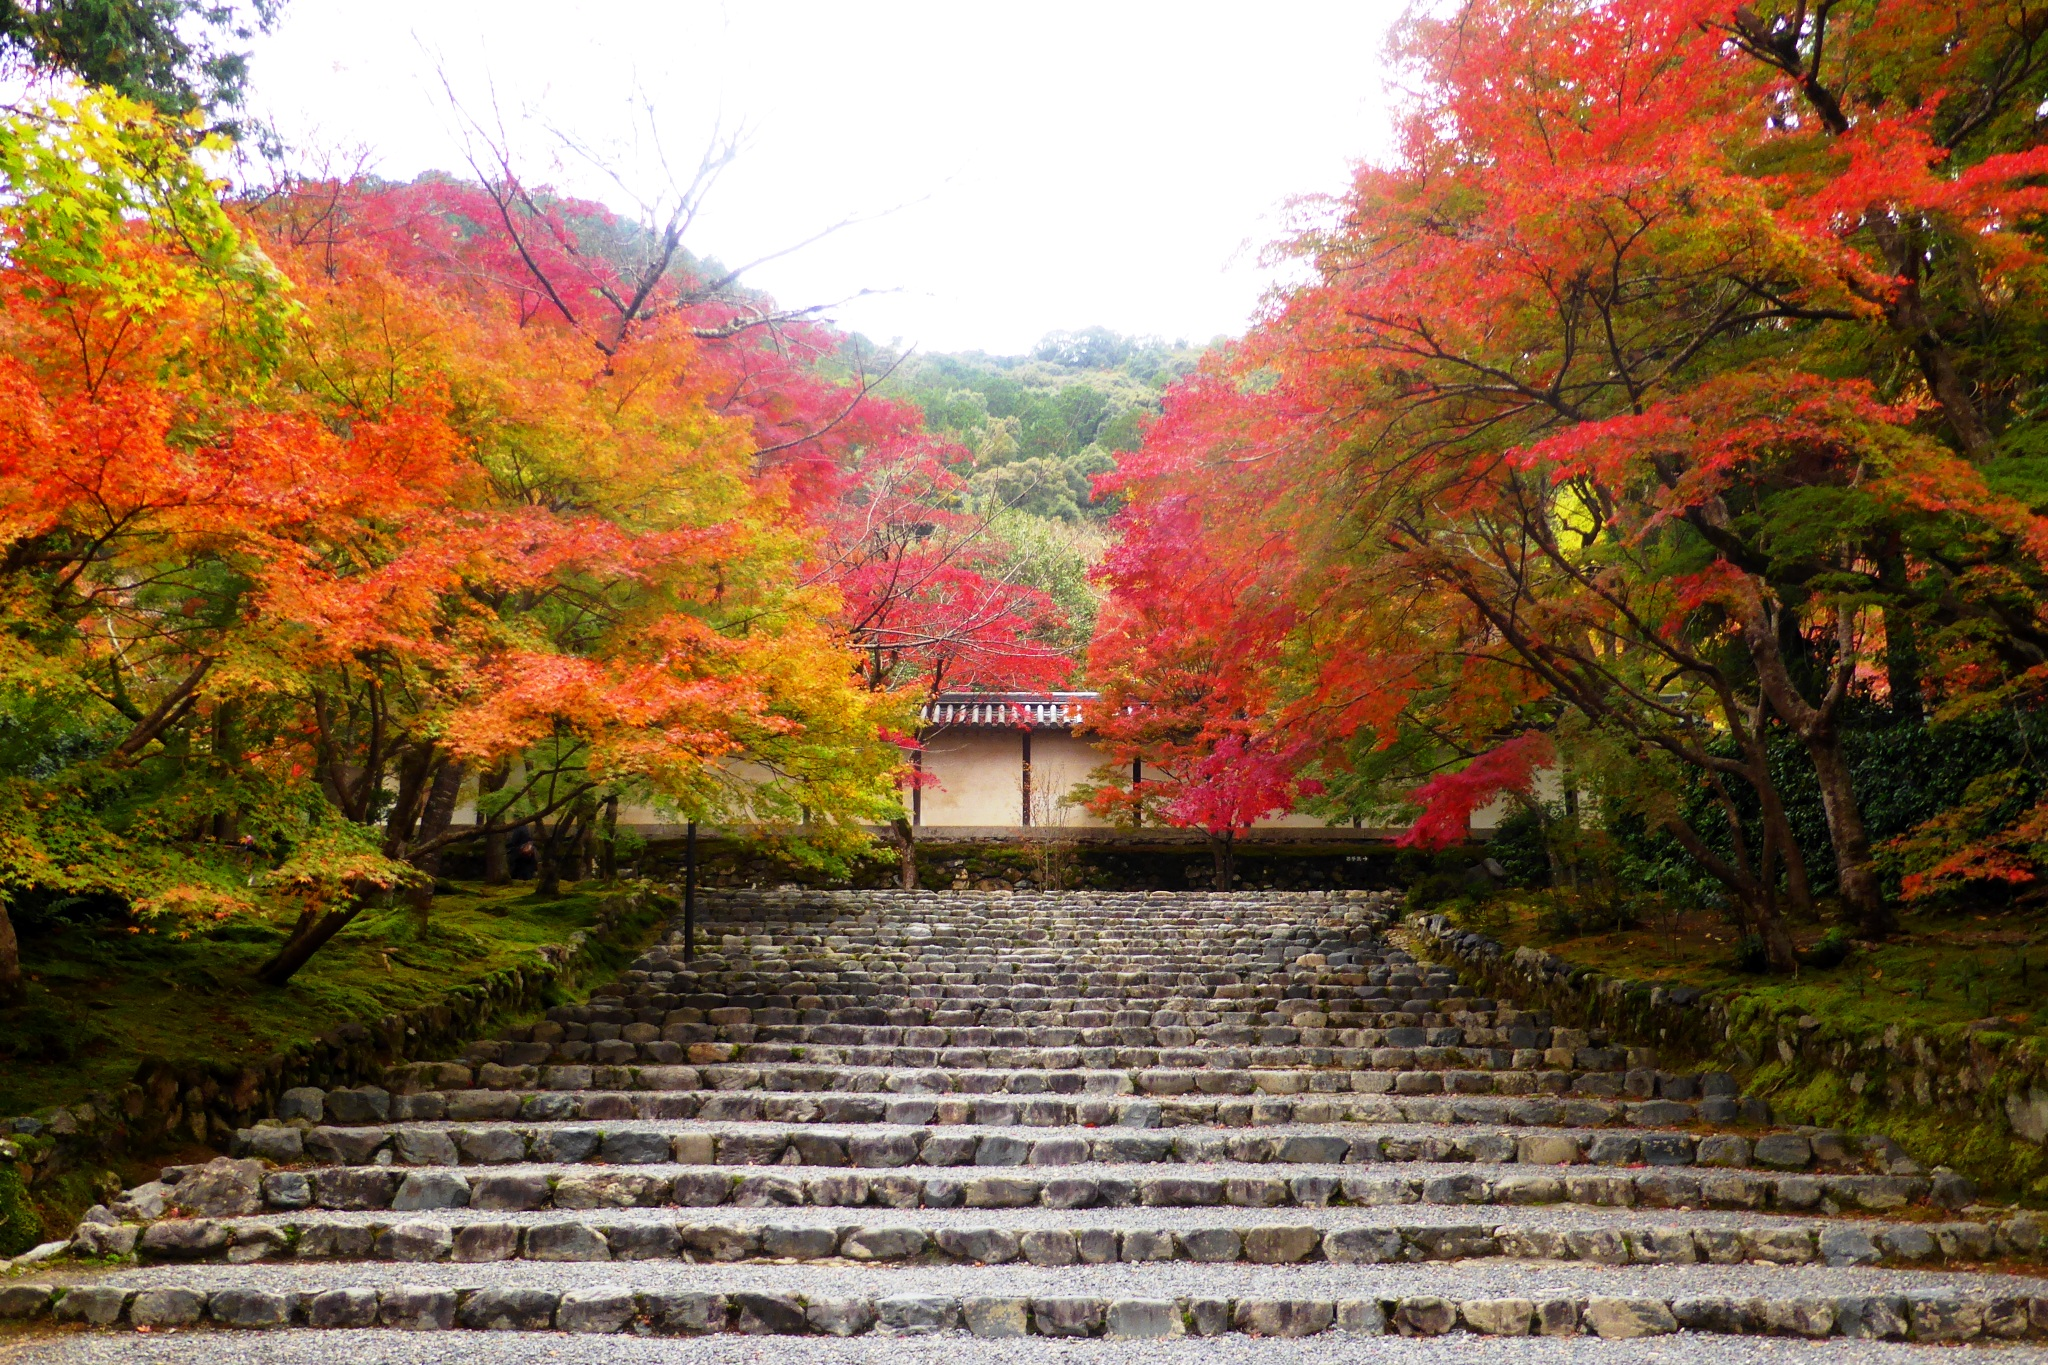 京都市右京区にある二尊院の参道と紅葉